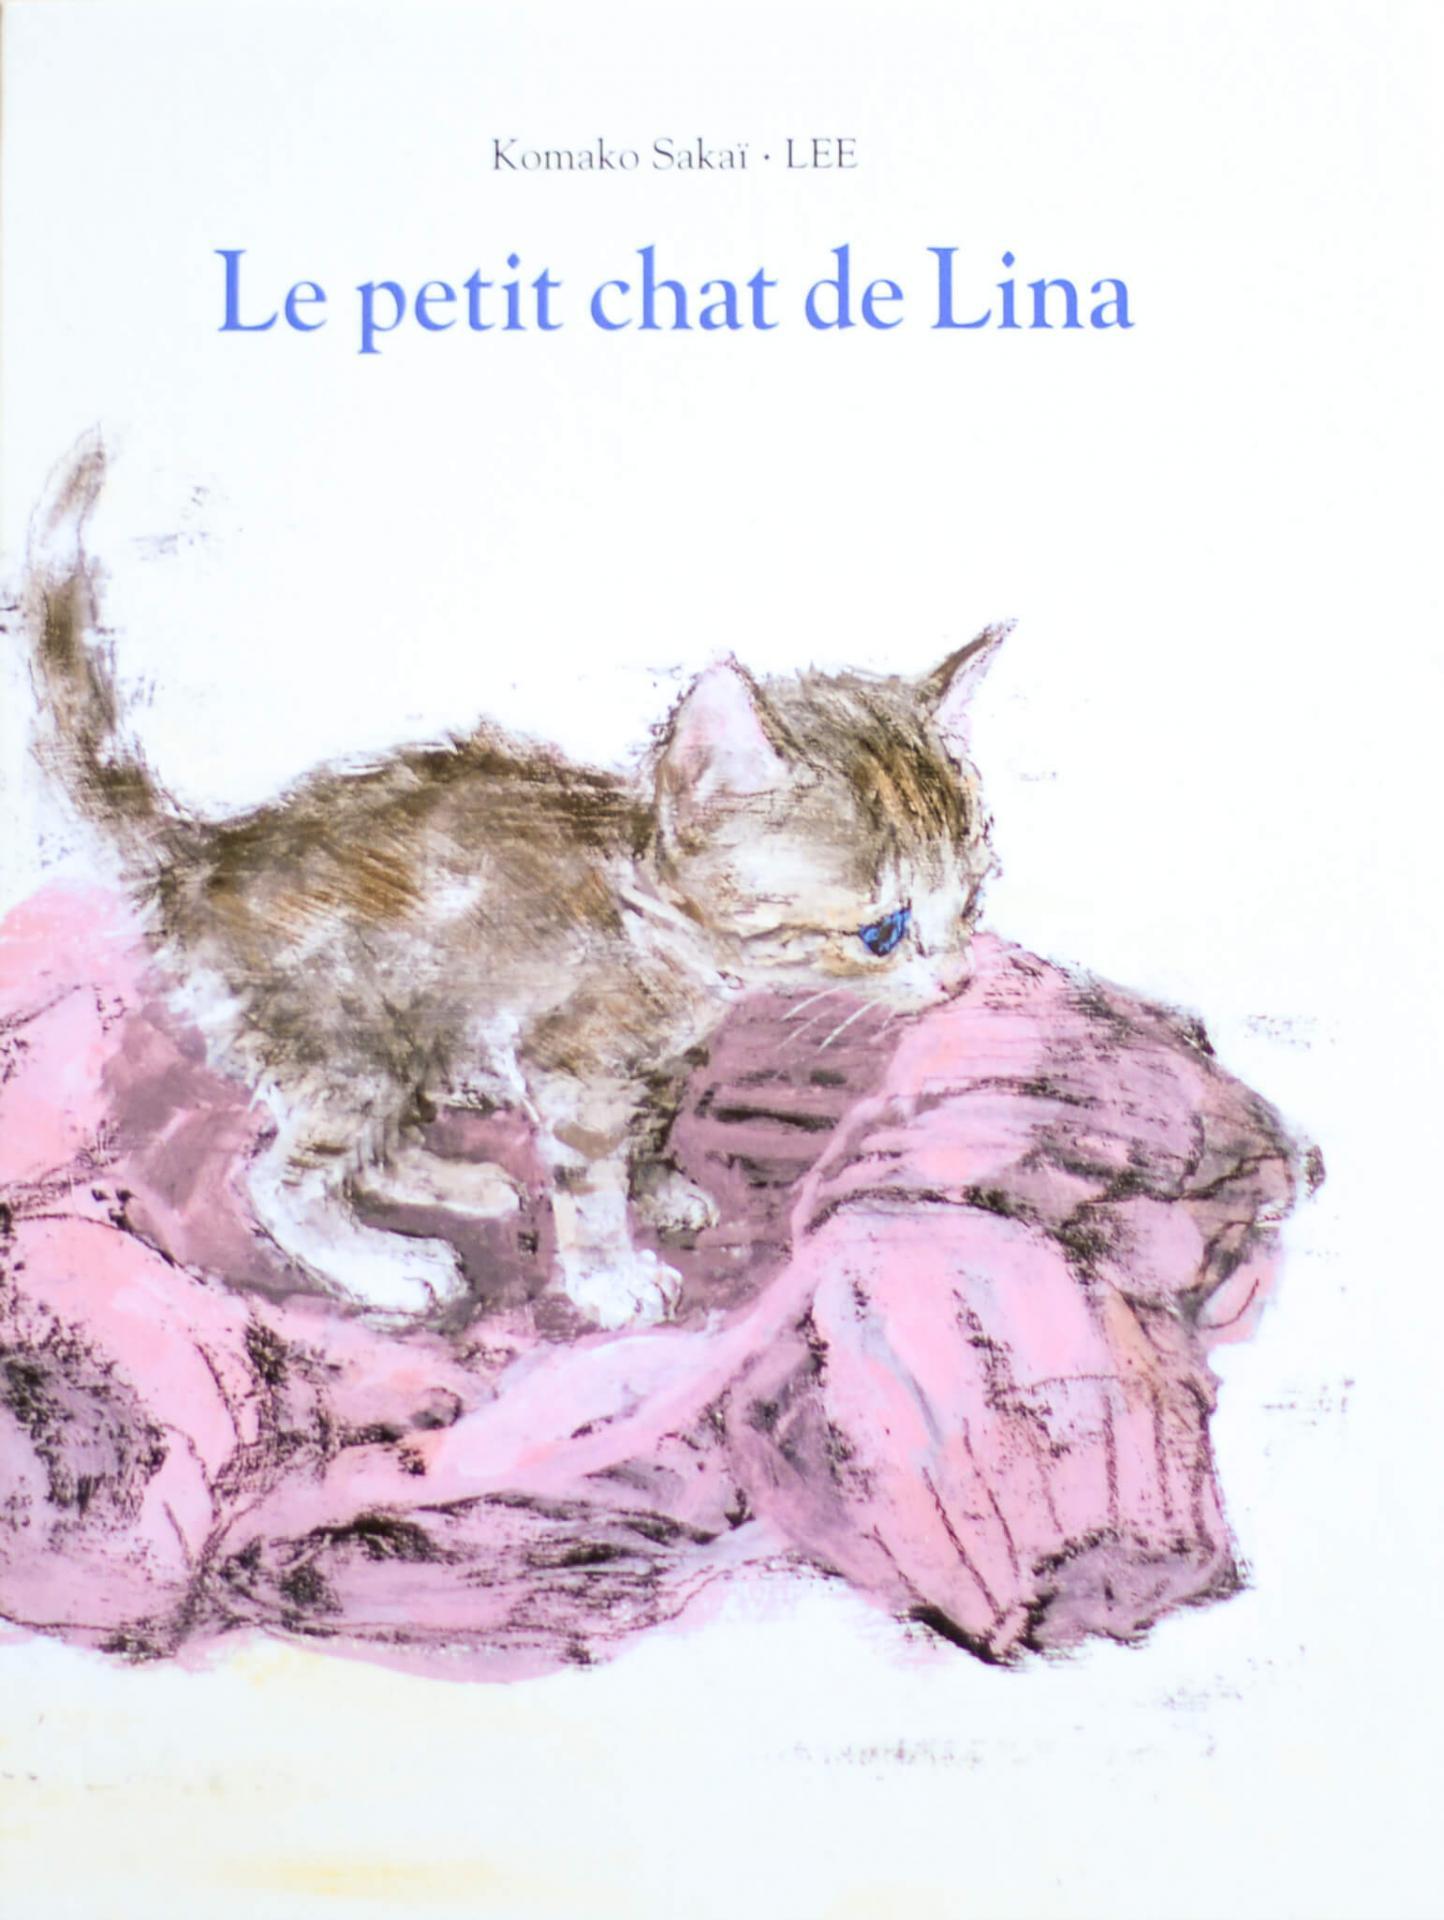 Le petit chat de lina